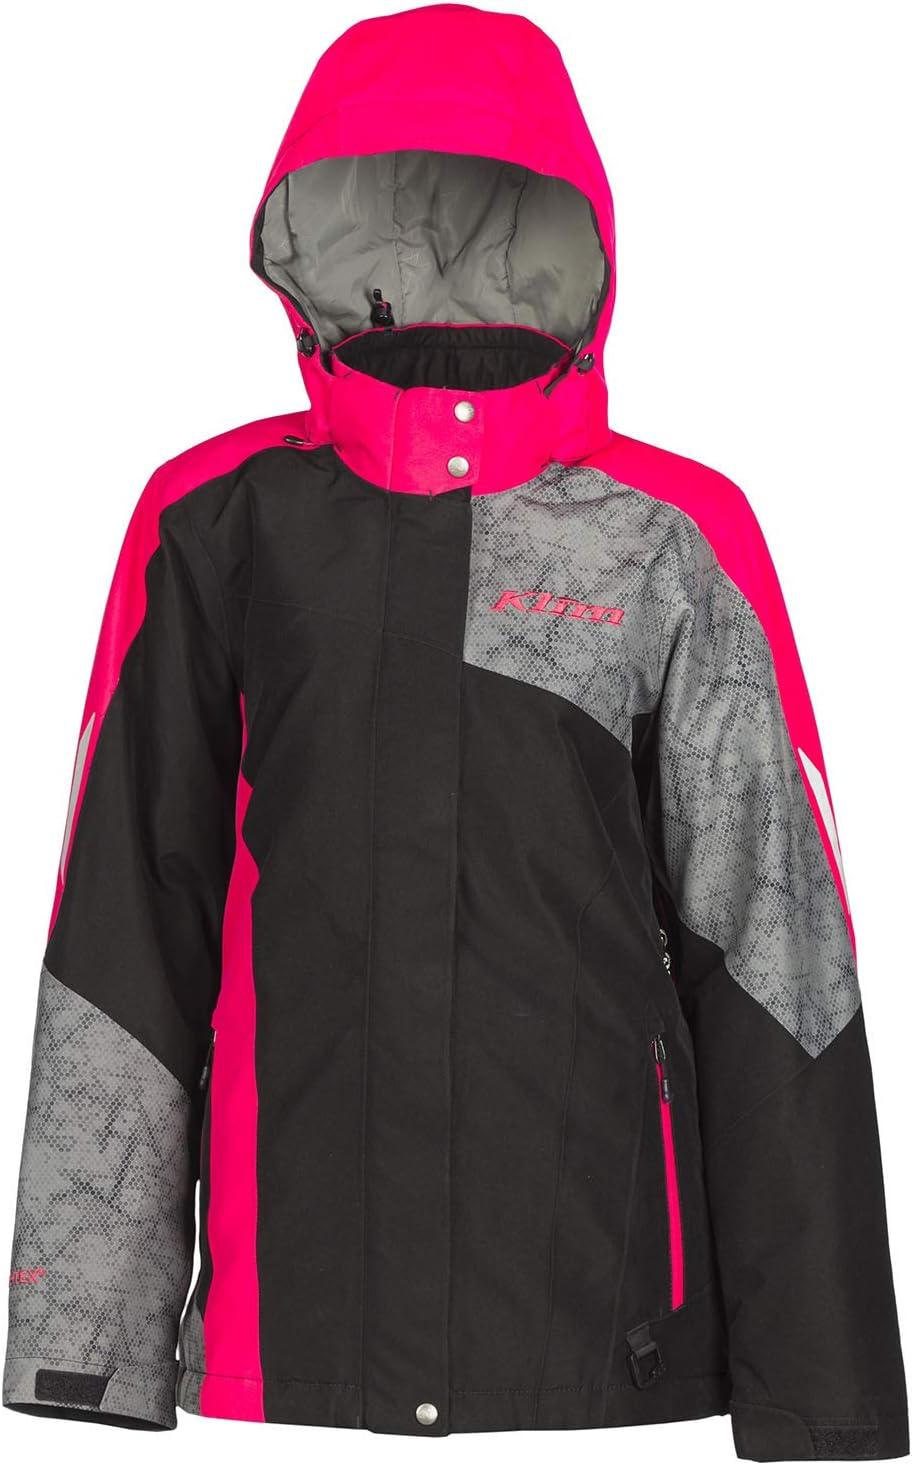 KLIM Allure Jacket LG Black